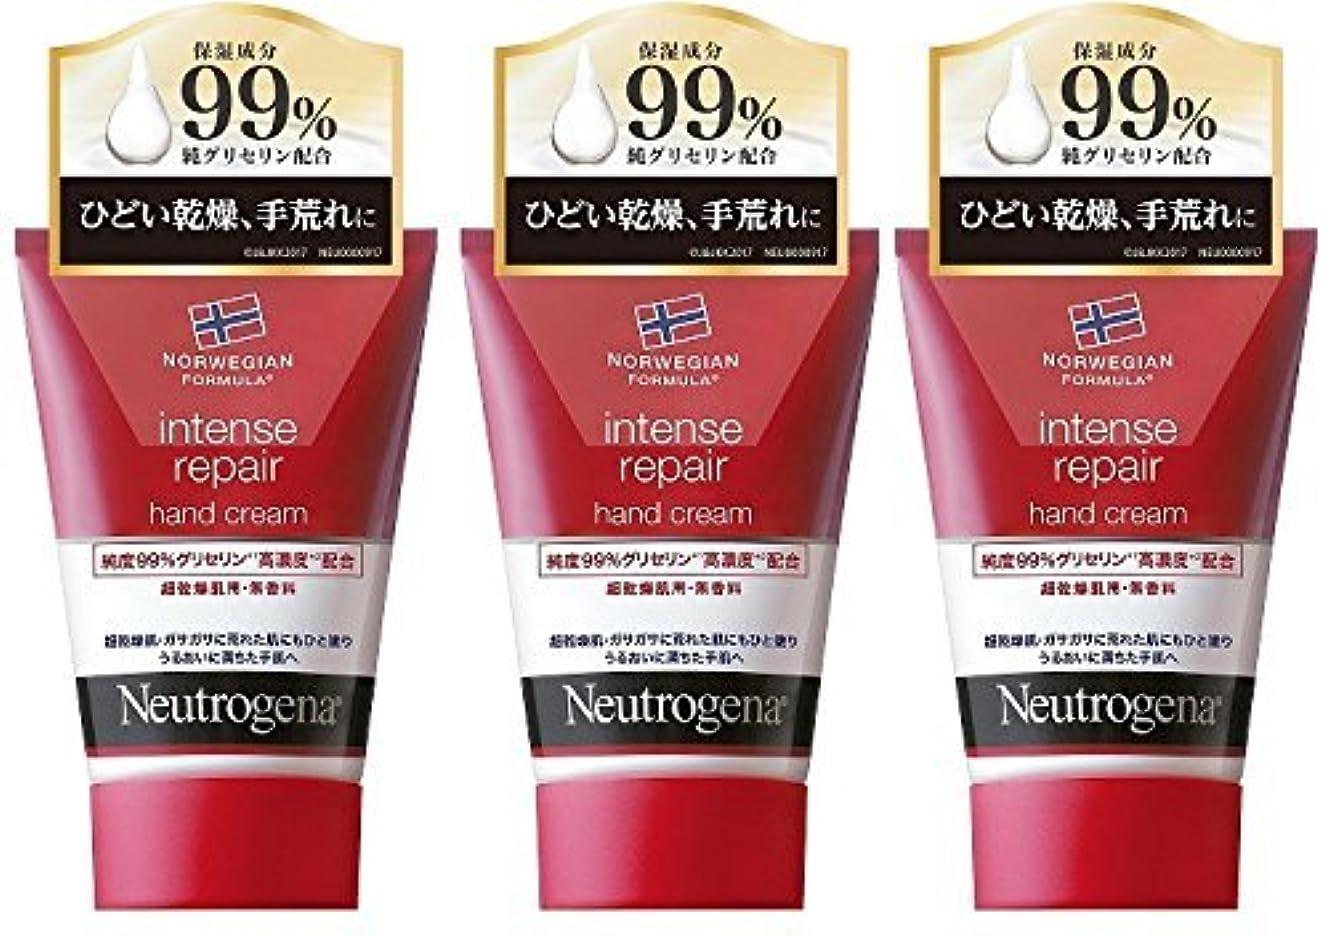 離れて列車すぐに【まとめ買い】Neutrogena(ニュートロジーナ) ノルウェーフォーミュラ インテンスリペア ハンドクリーム 超乾燥肌用 無香料 50g×3個